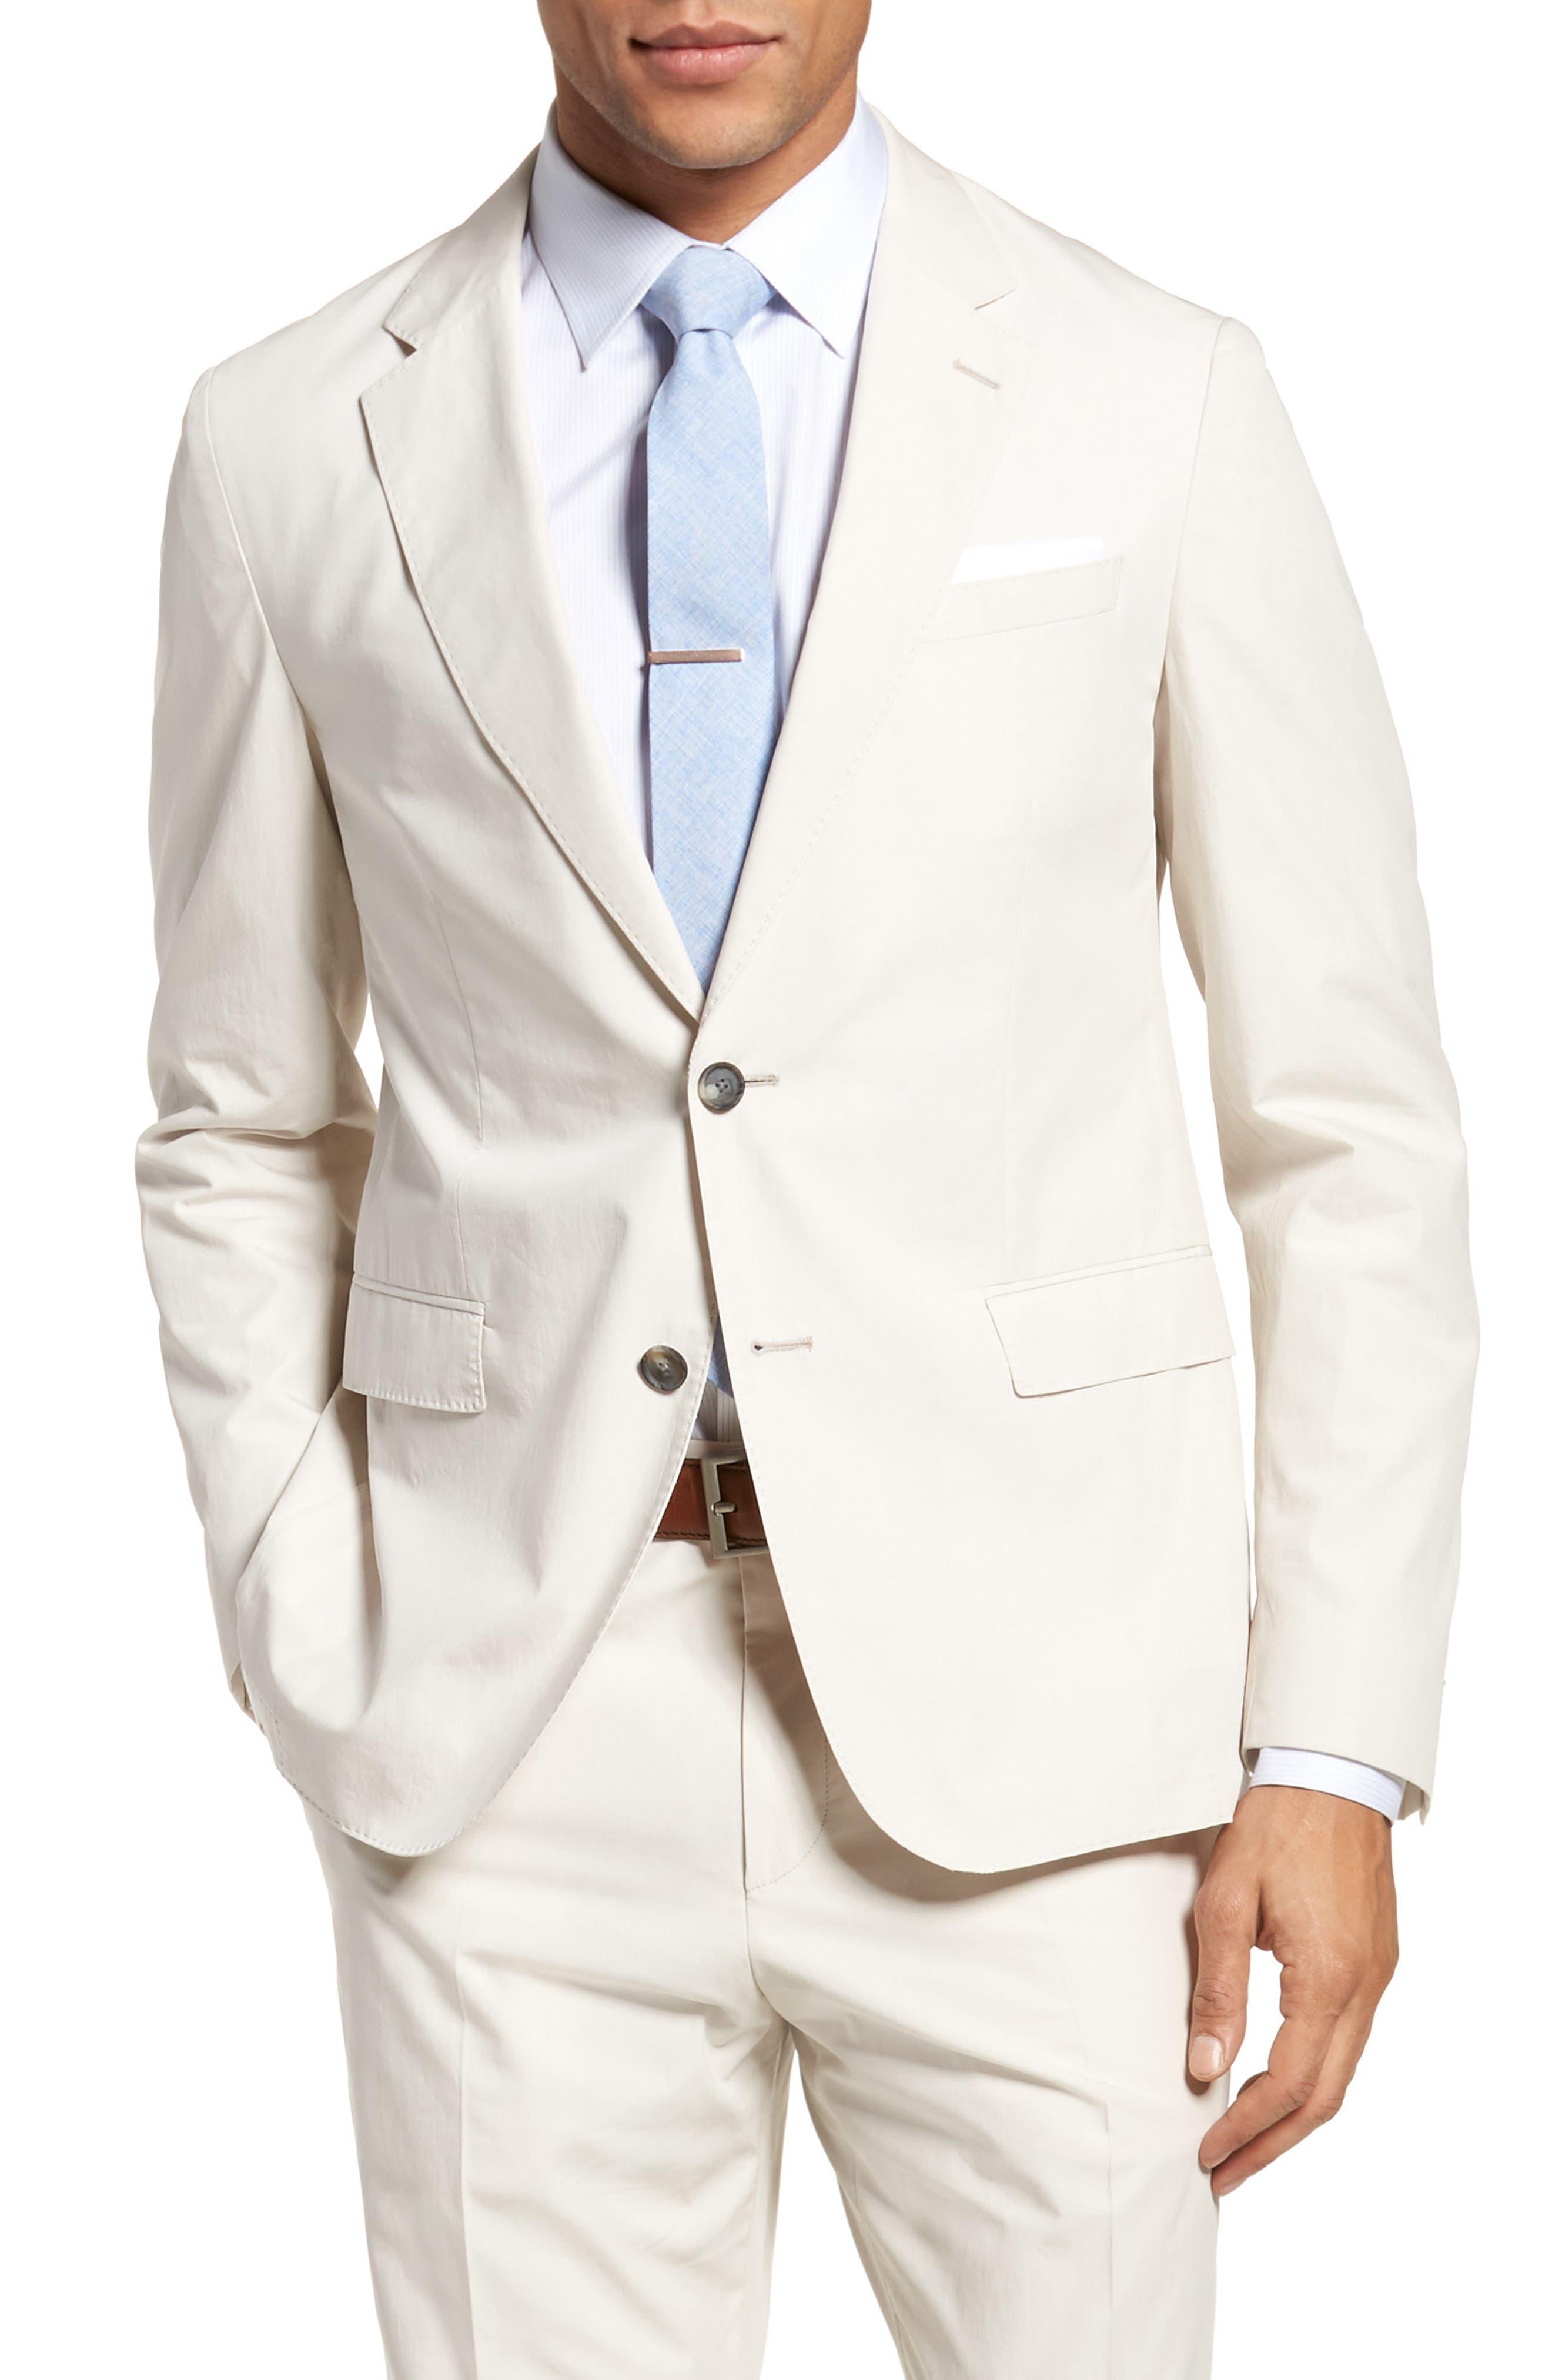 Nylen/Perry Trim Fit Solid Cotton Suit,                             Alternate thumbnail 5, color,